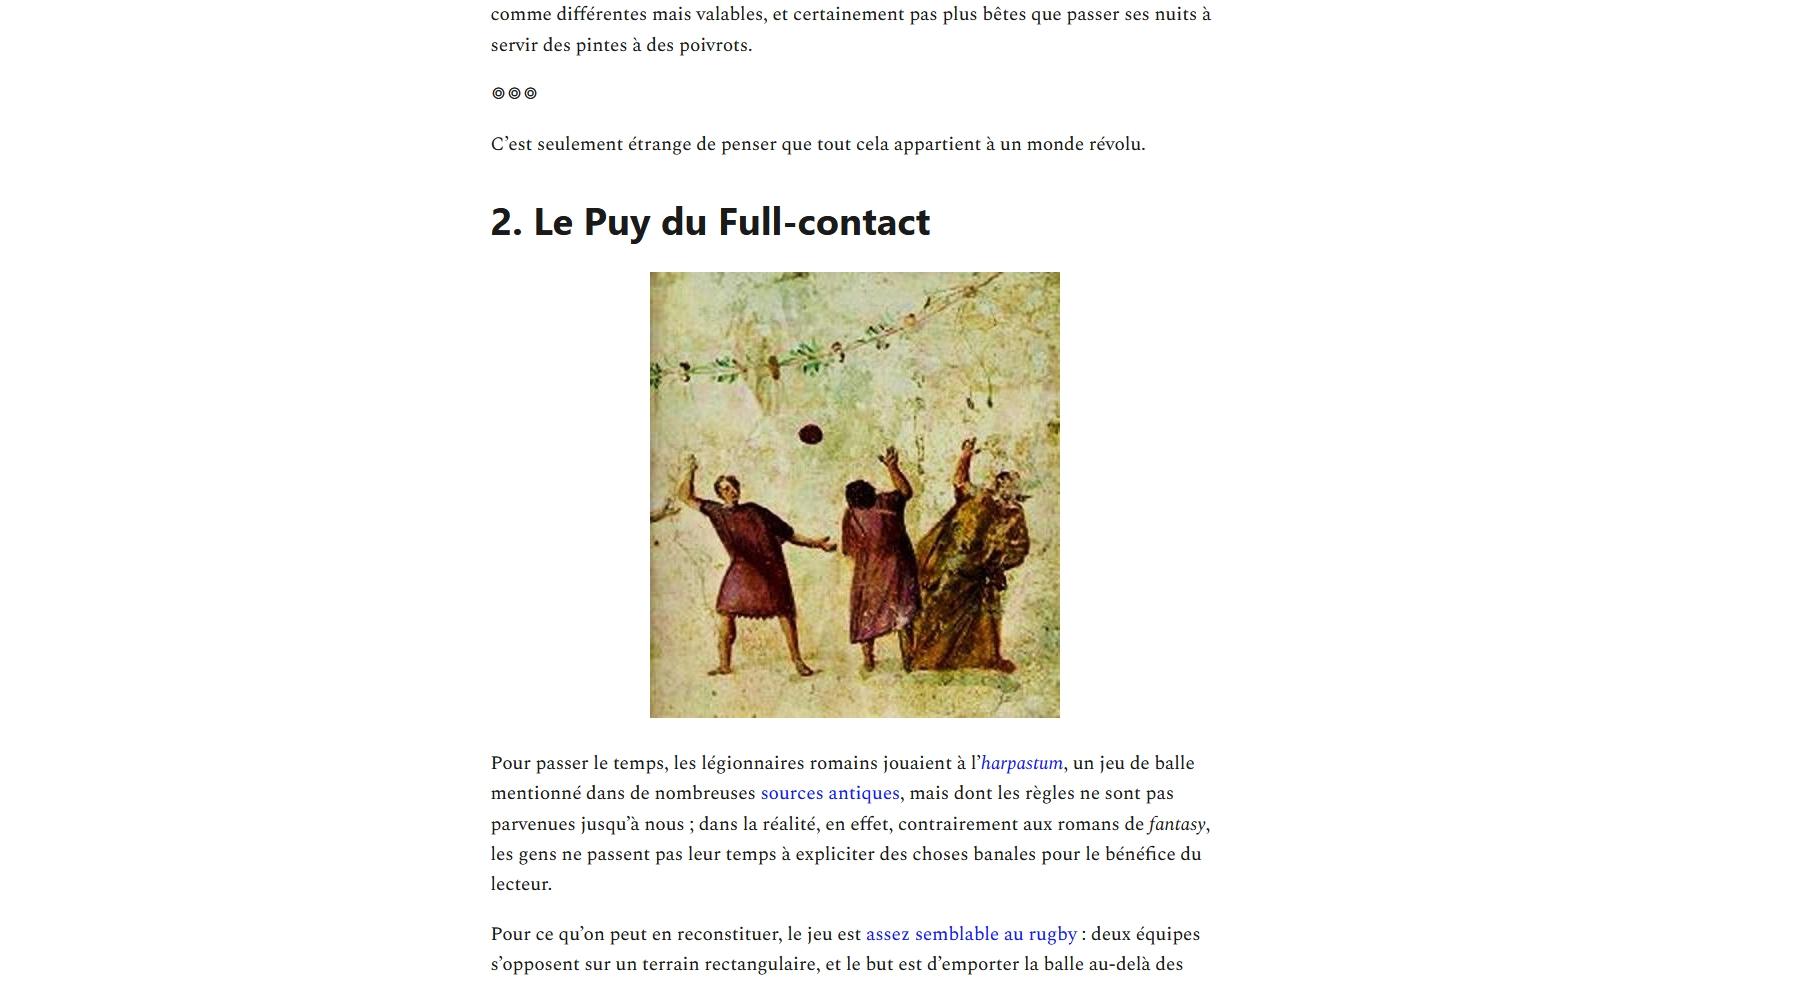 Une newsletter épatante qui arrive chaque semaine dans votre boîte mail. Inscription et épisodes précédents à l'adresse tout.substack.com